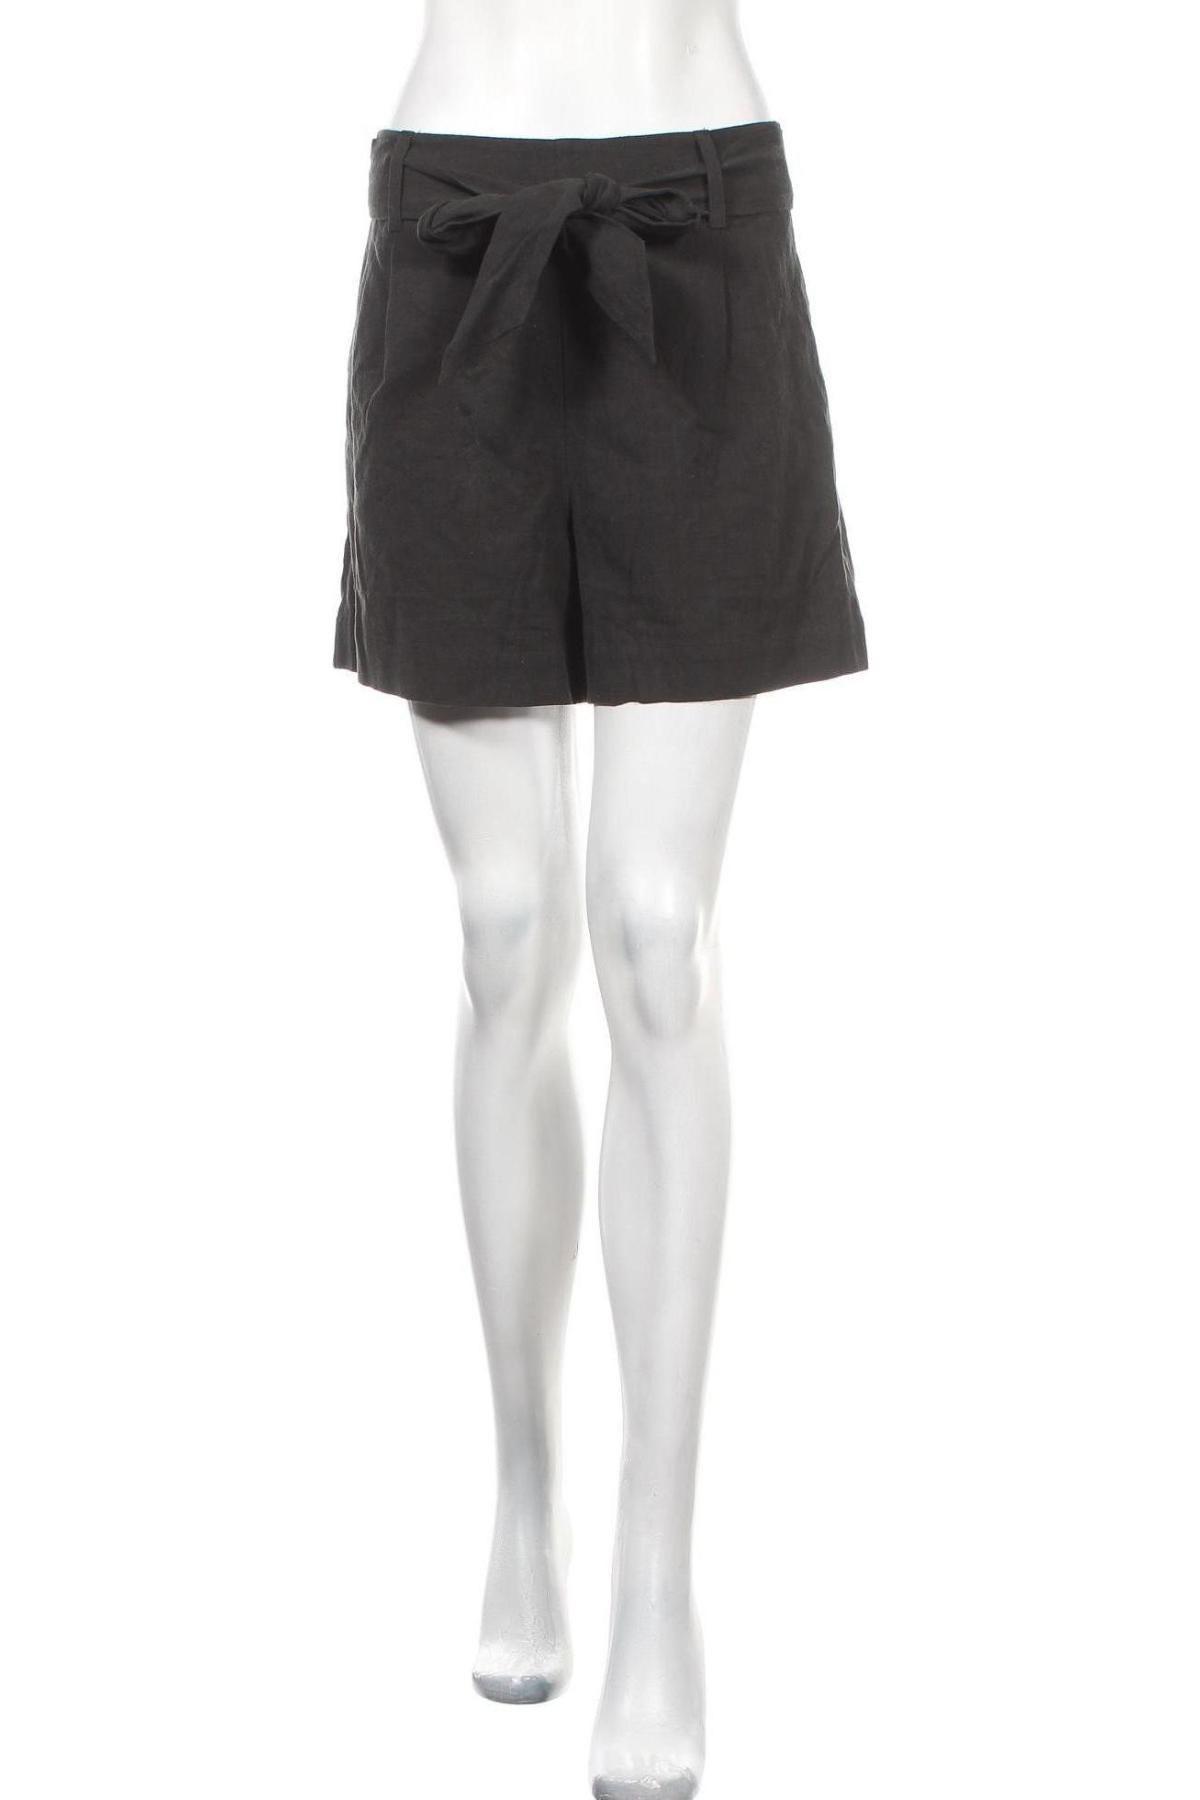 Γυναικείο κοντό παντελόνι Selected Femme, Μέγεθος M, Χρώμα Μαύρο, 45% βαμβάκι, 55% λινό, Τιμή 20,98€